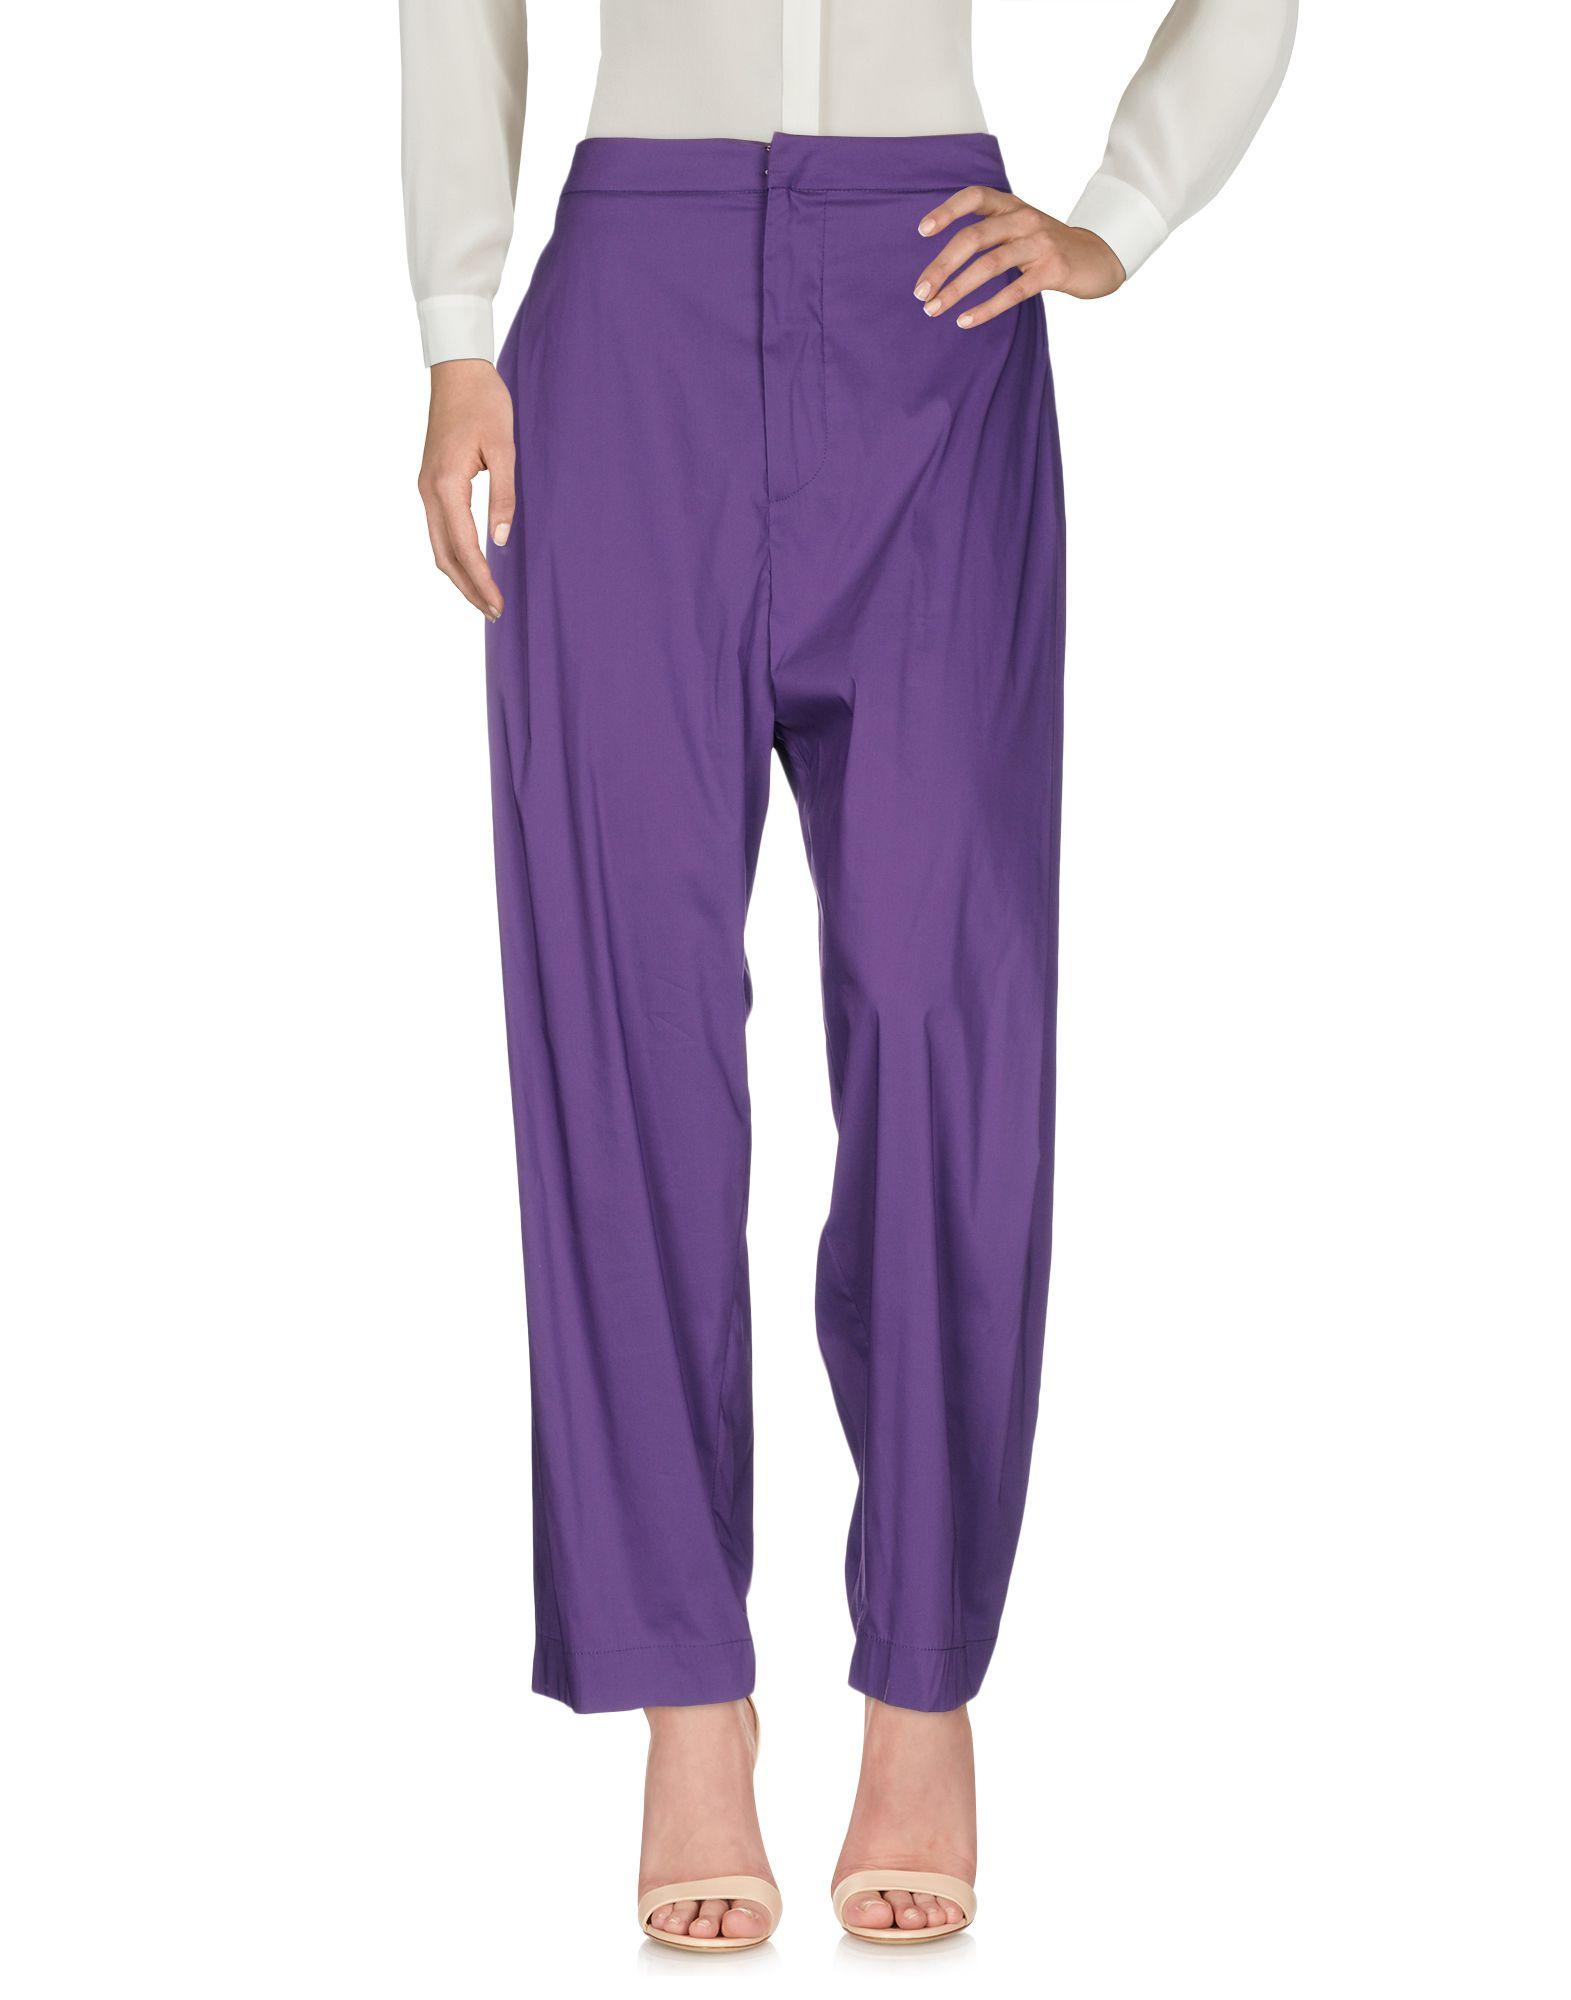 Pantalone Liviana Conti Donna - Acquista online su HVHPy7w